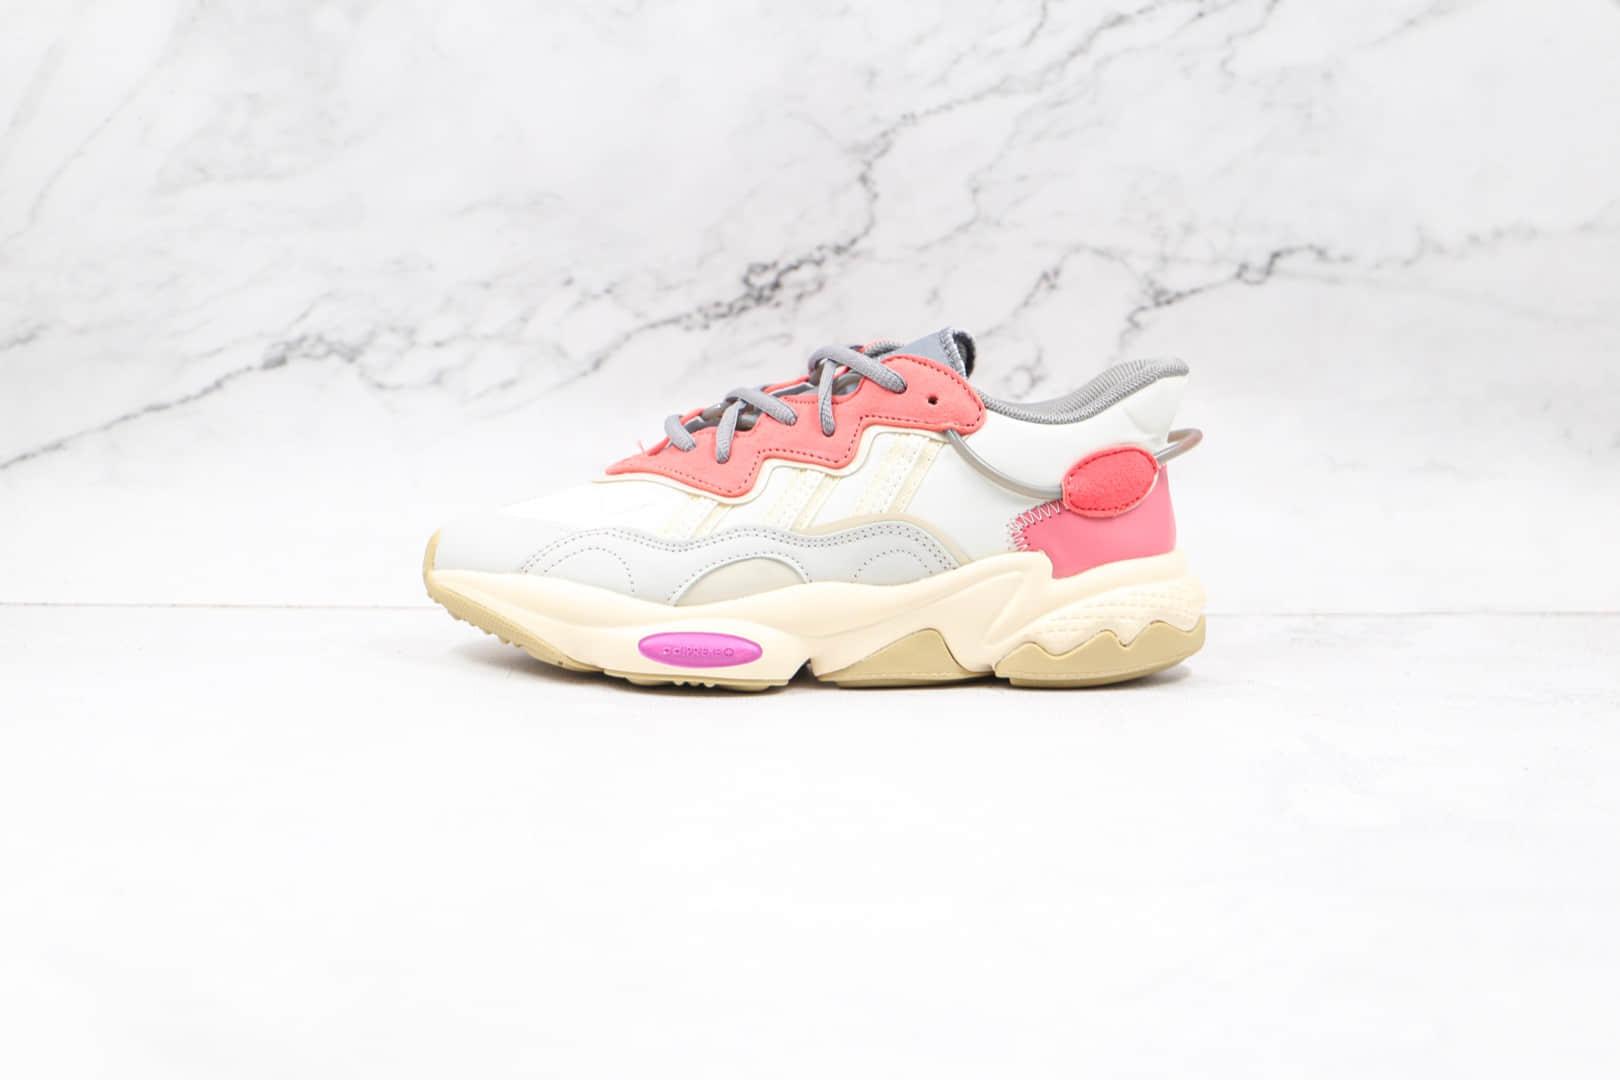 阿迪达斯Adidas OZWEEGO 2021纯原版本水管布面米红色老爹鞋原楦头纸板打造 货号:FX6108